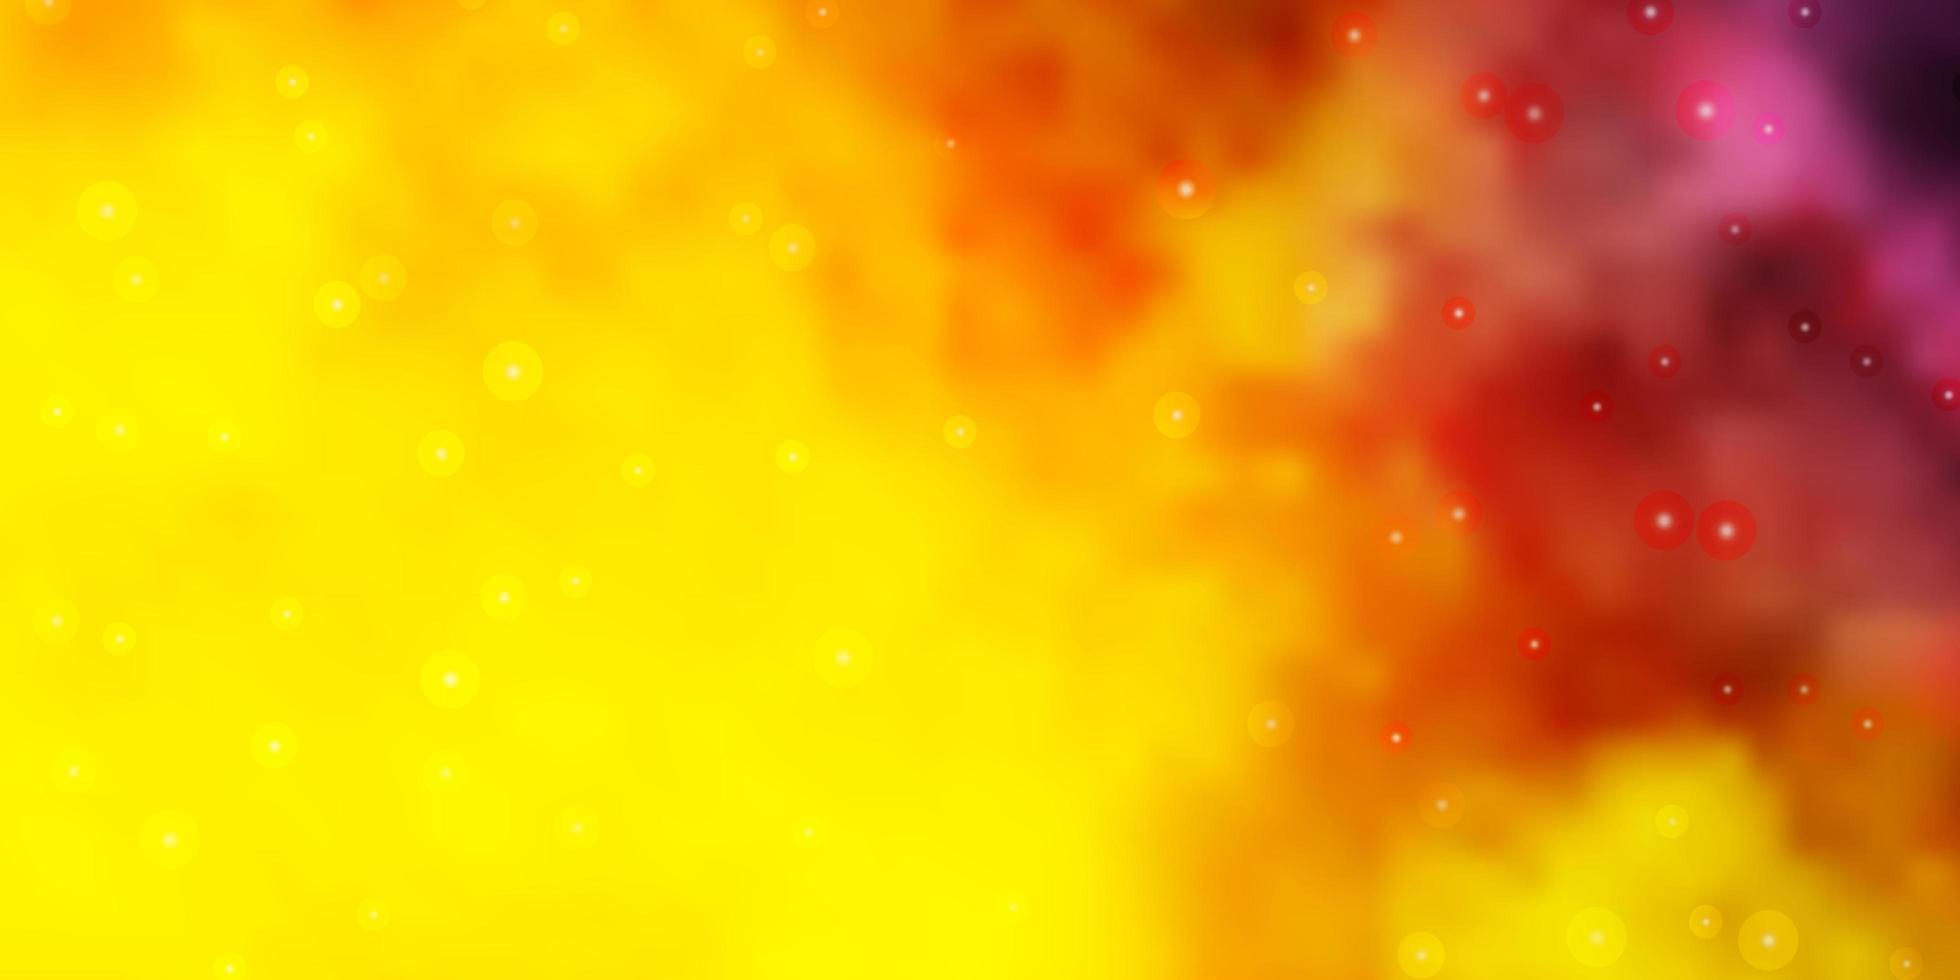 lichtroze, gele vectortextuur met prachtige sterren. vector